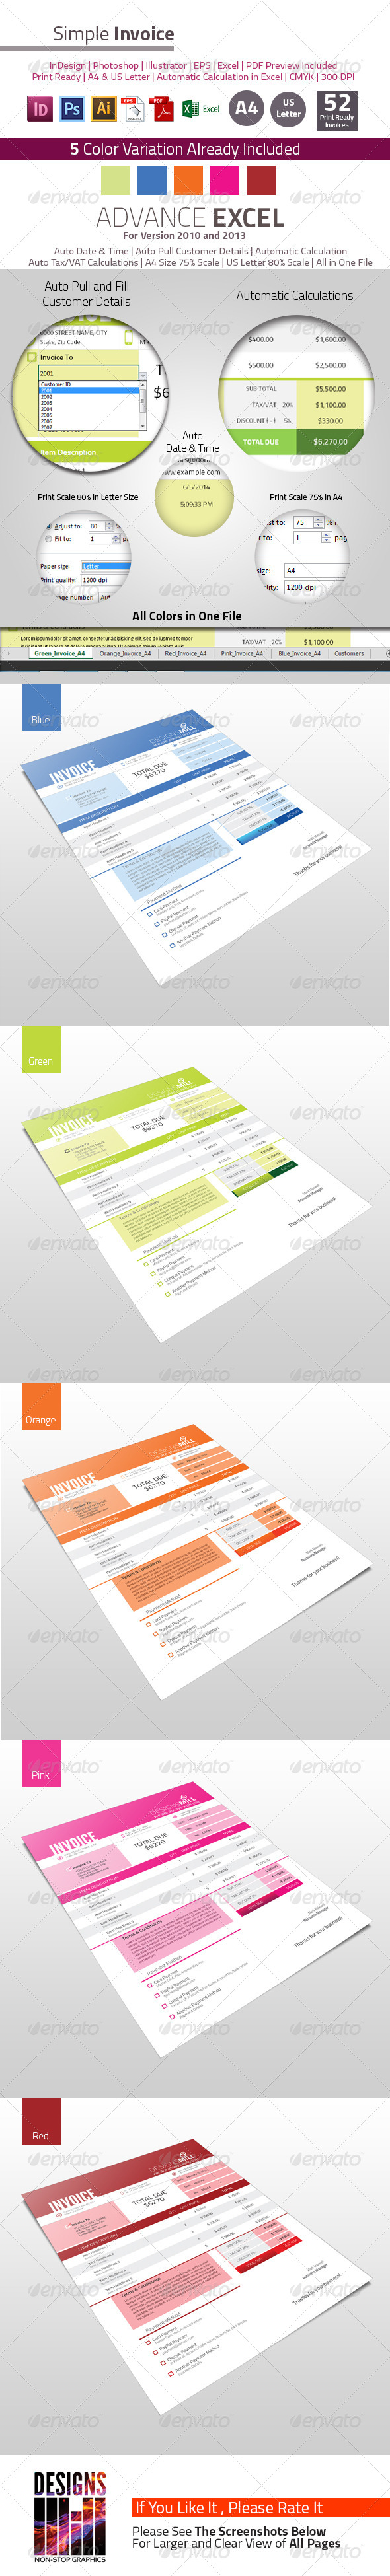 GraphicRiver Simple Invoice 7930103